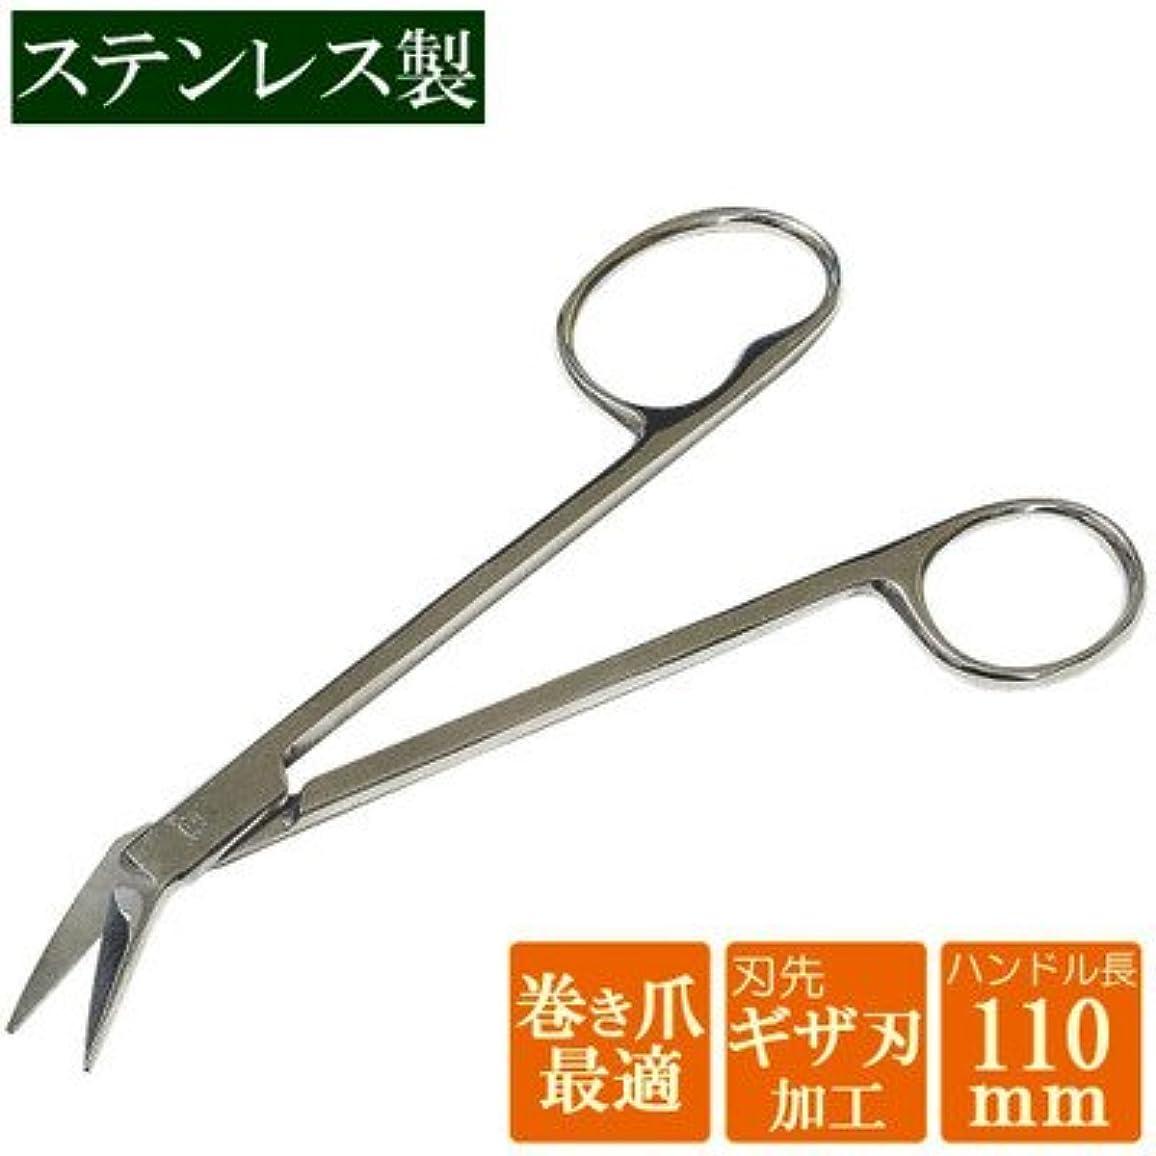 厄介な医薬輪郭88021 ロング足用爪切りハサミ 自由なラインで切れる足用爪切りハサミ